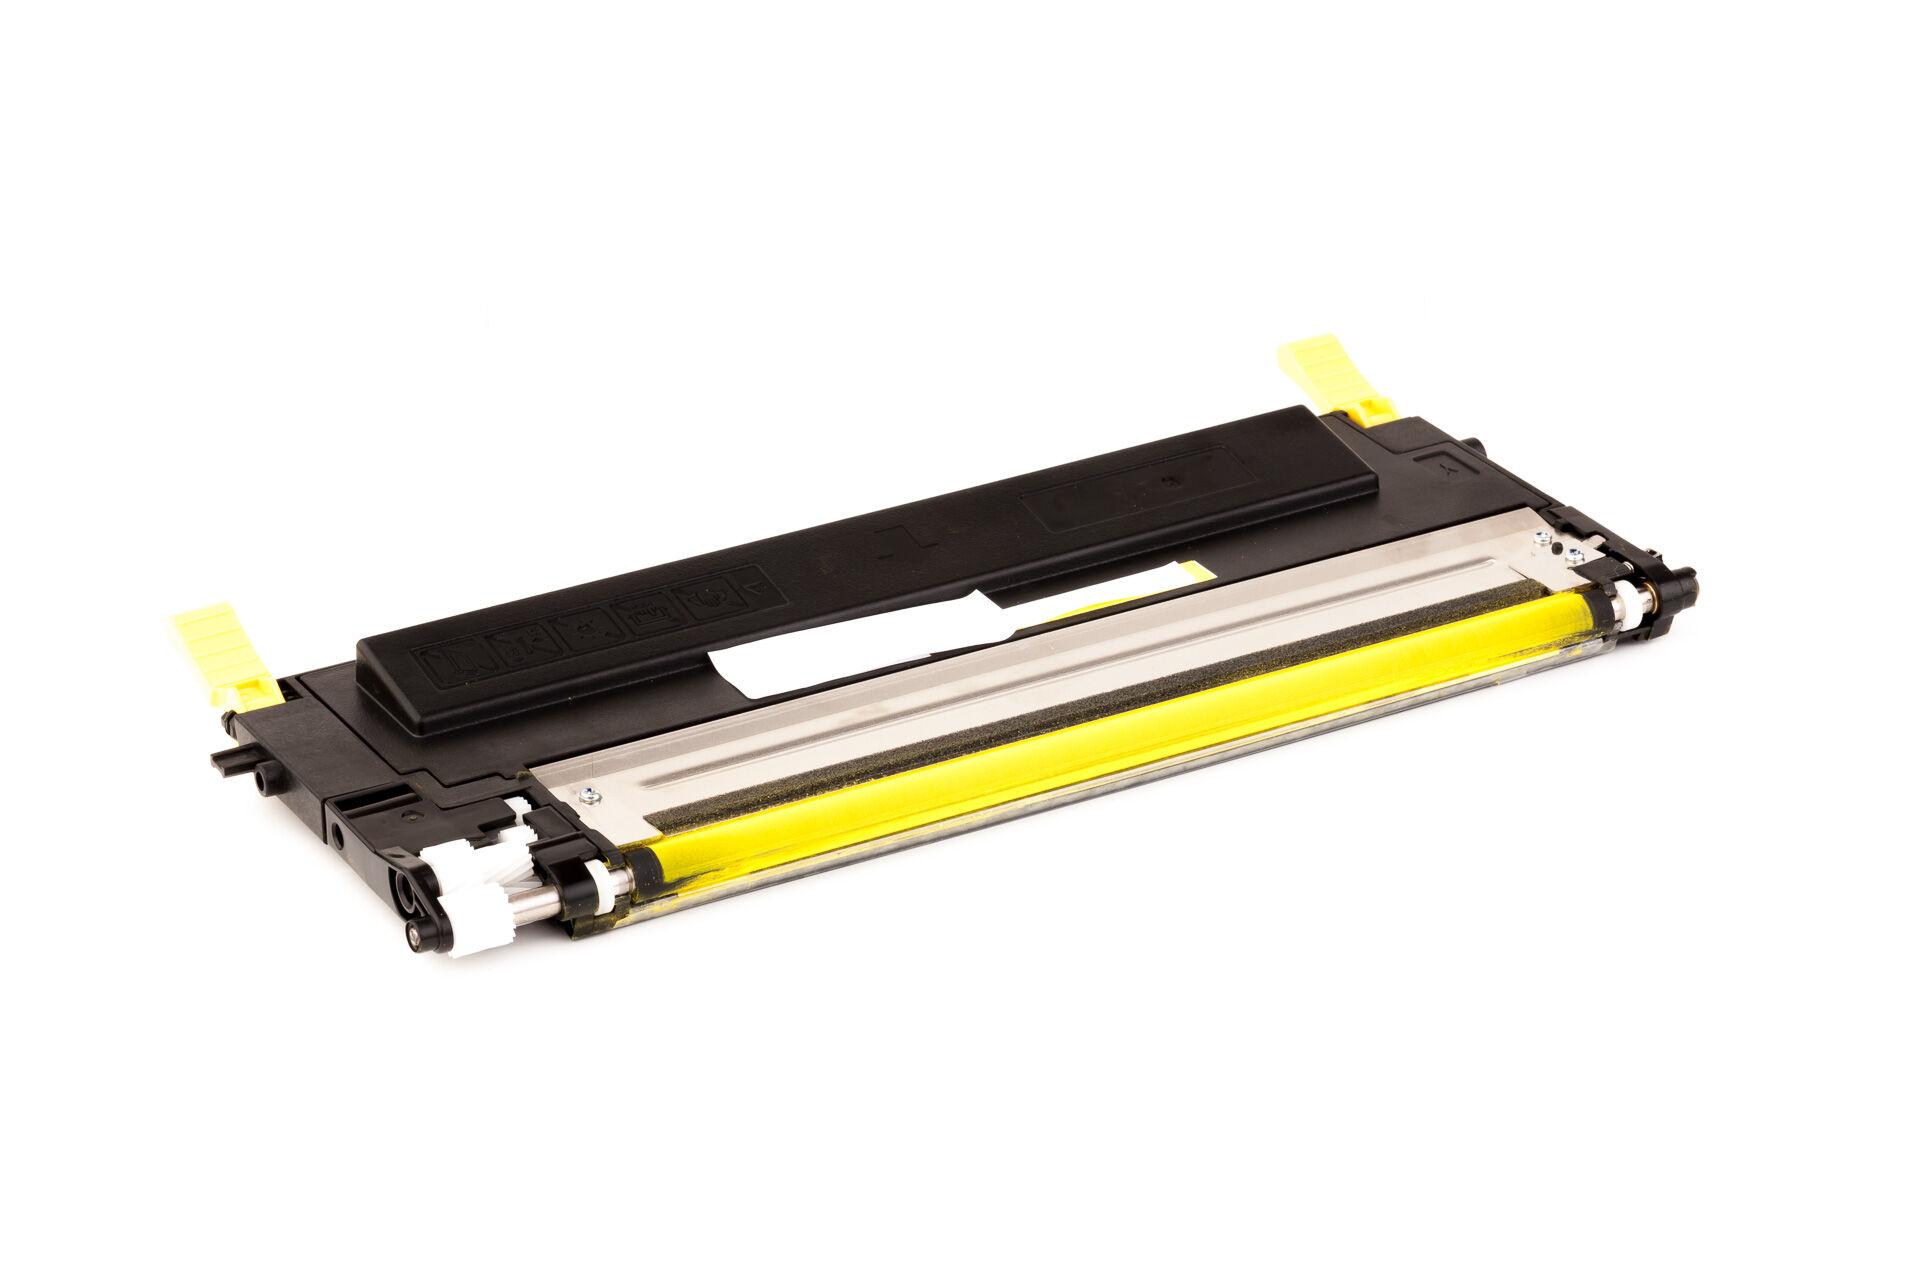 Dell Cartouche de Toner pour Dell 59310496 / M127K jaune compatible (de marque ASC)